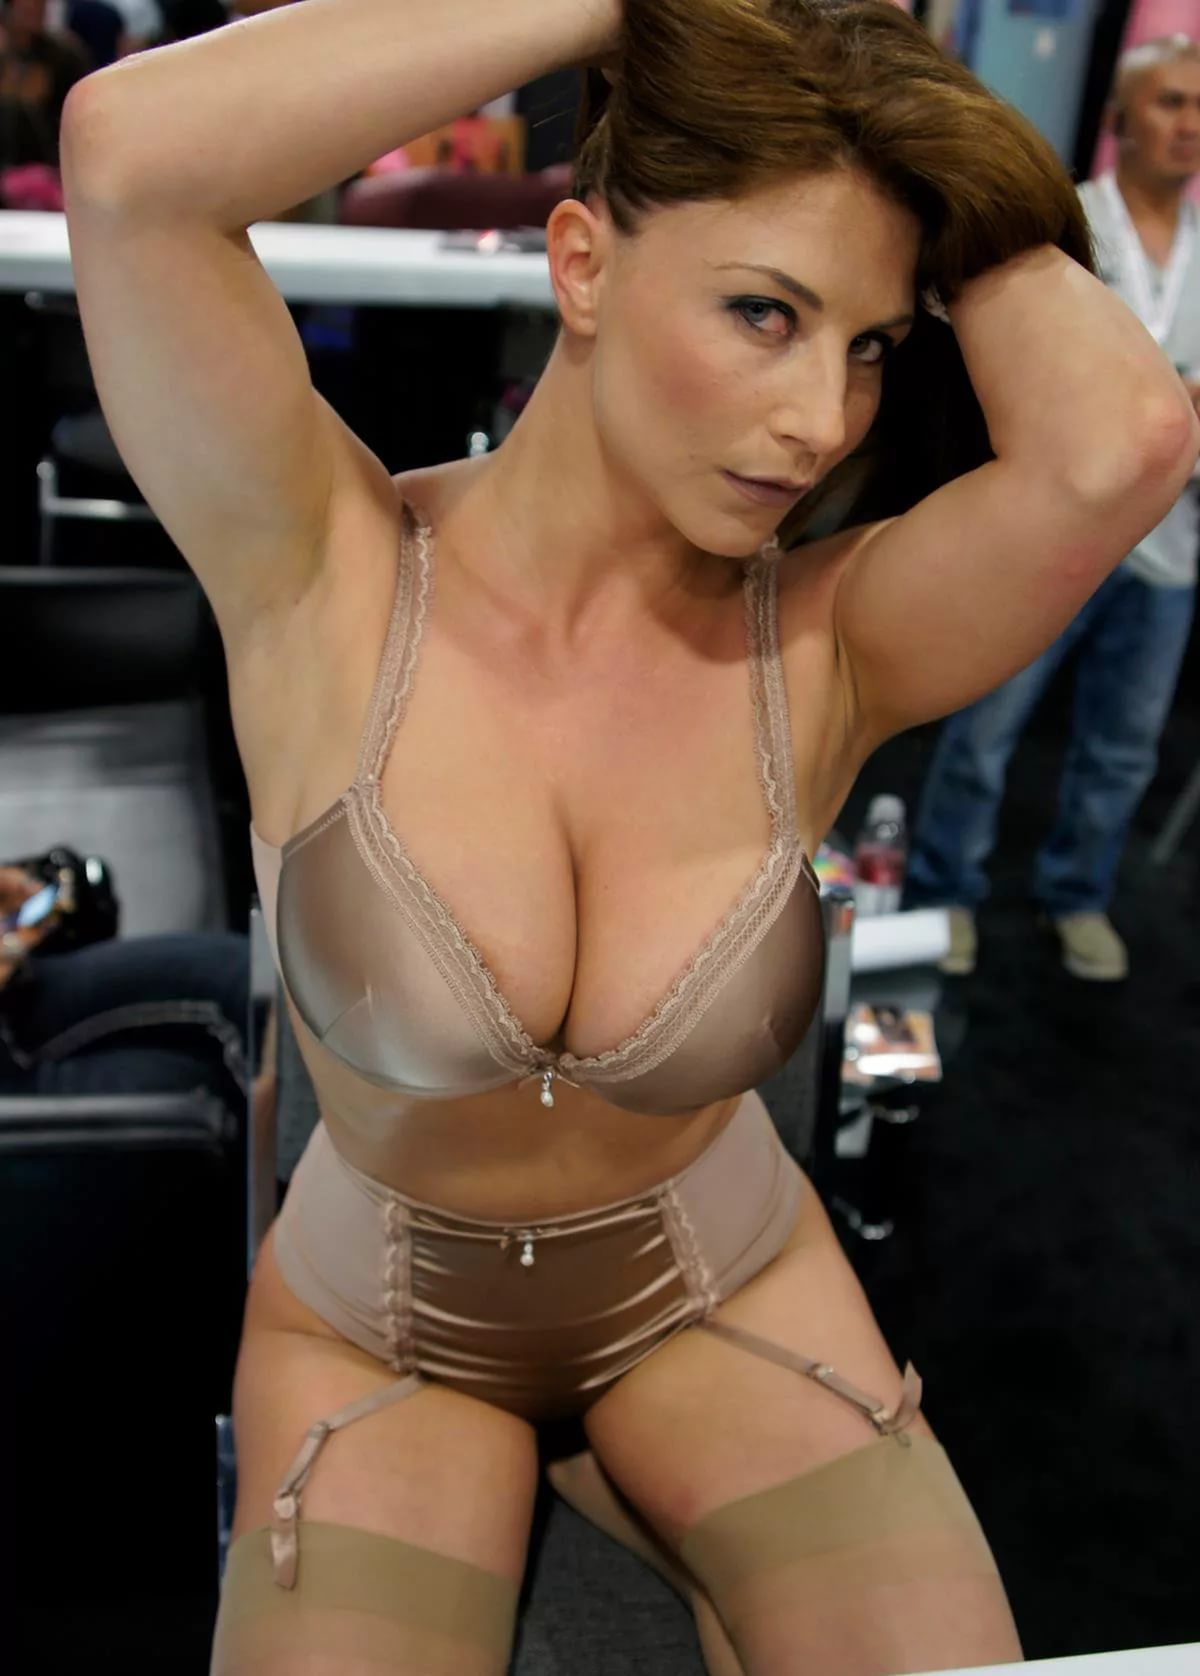 фото звезды порно фильмов